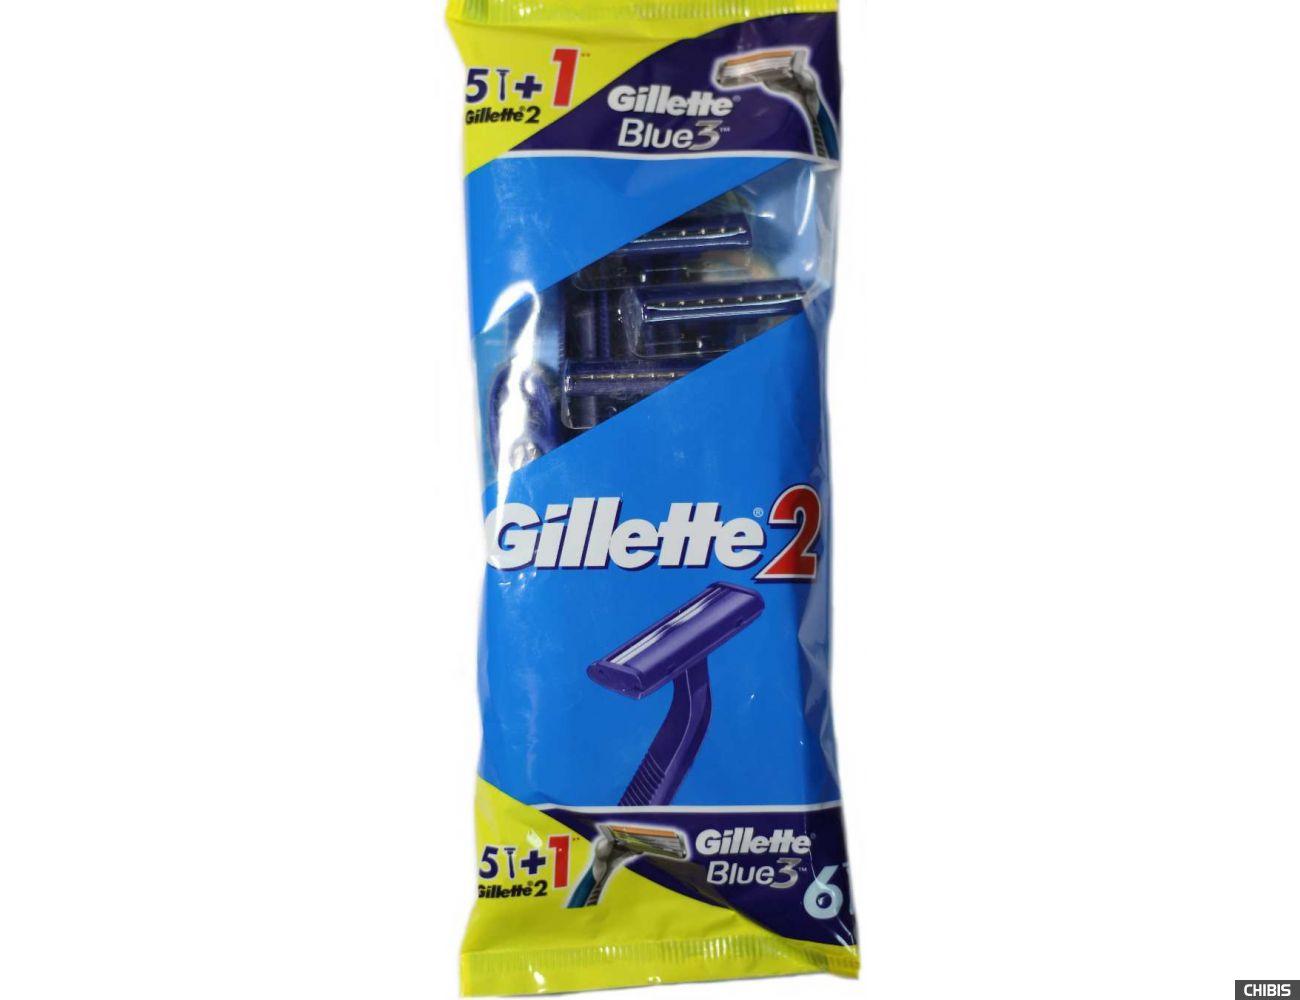 Набор из 5 станков Gillette 2 + в подарок 1 станок Blue3